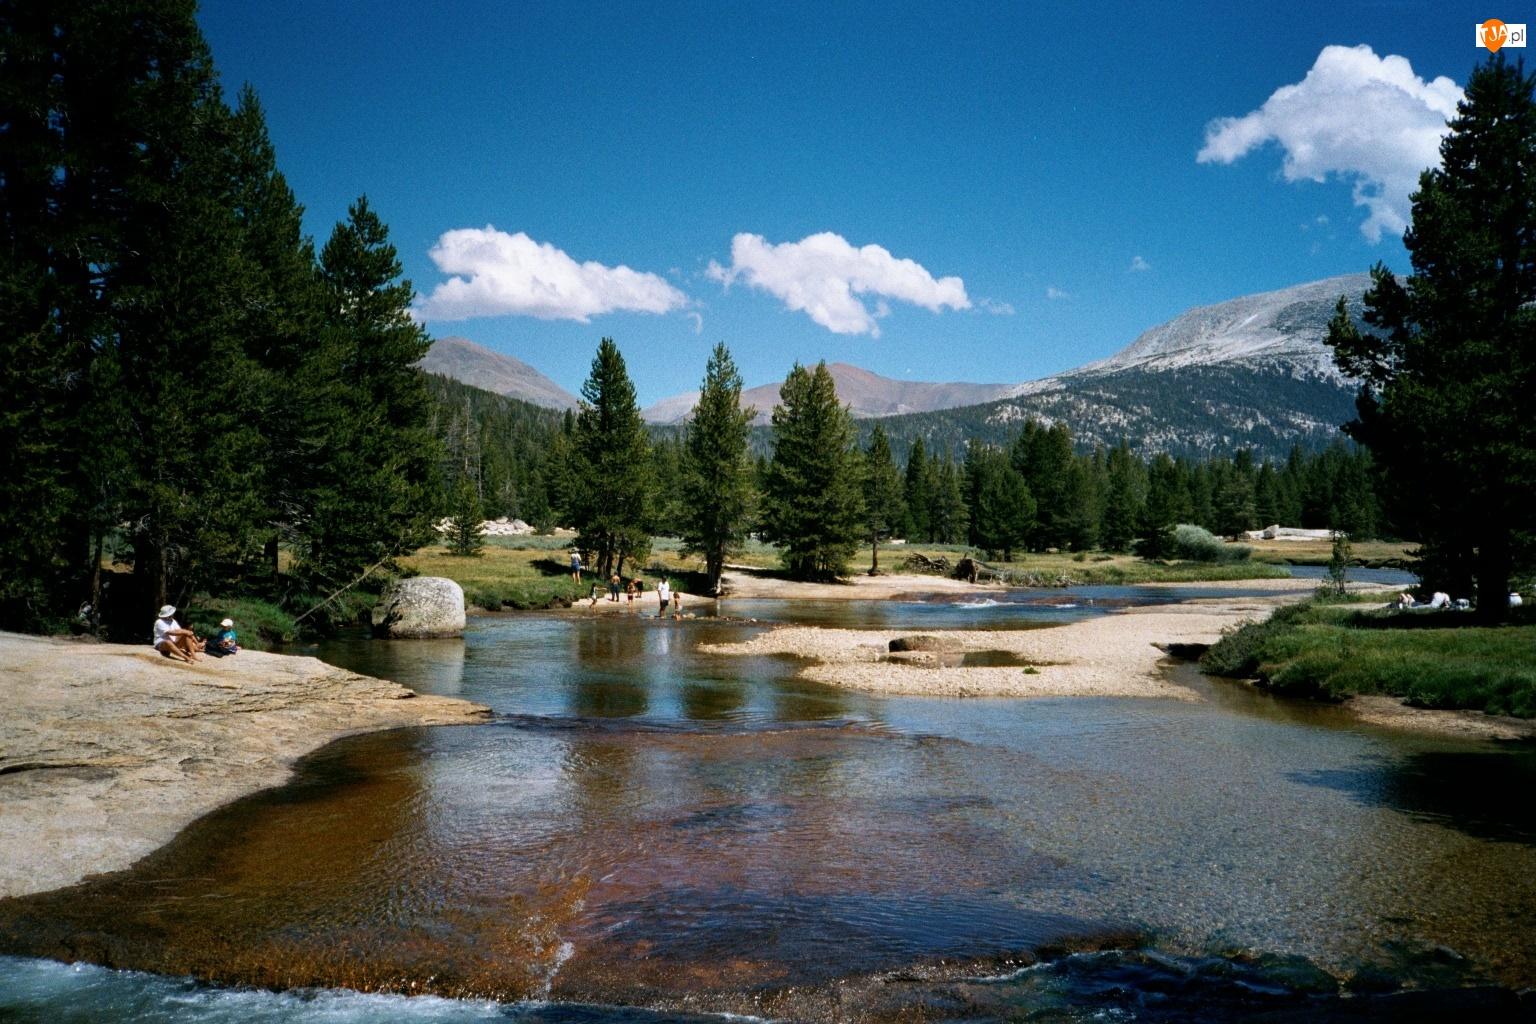 Mielizna, Stany Zjednoczone, Park Narodowy Yosemite, Stan Kalifornia, Rzeka Tuolumne River